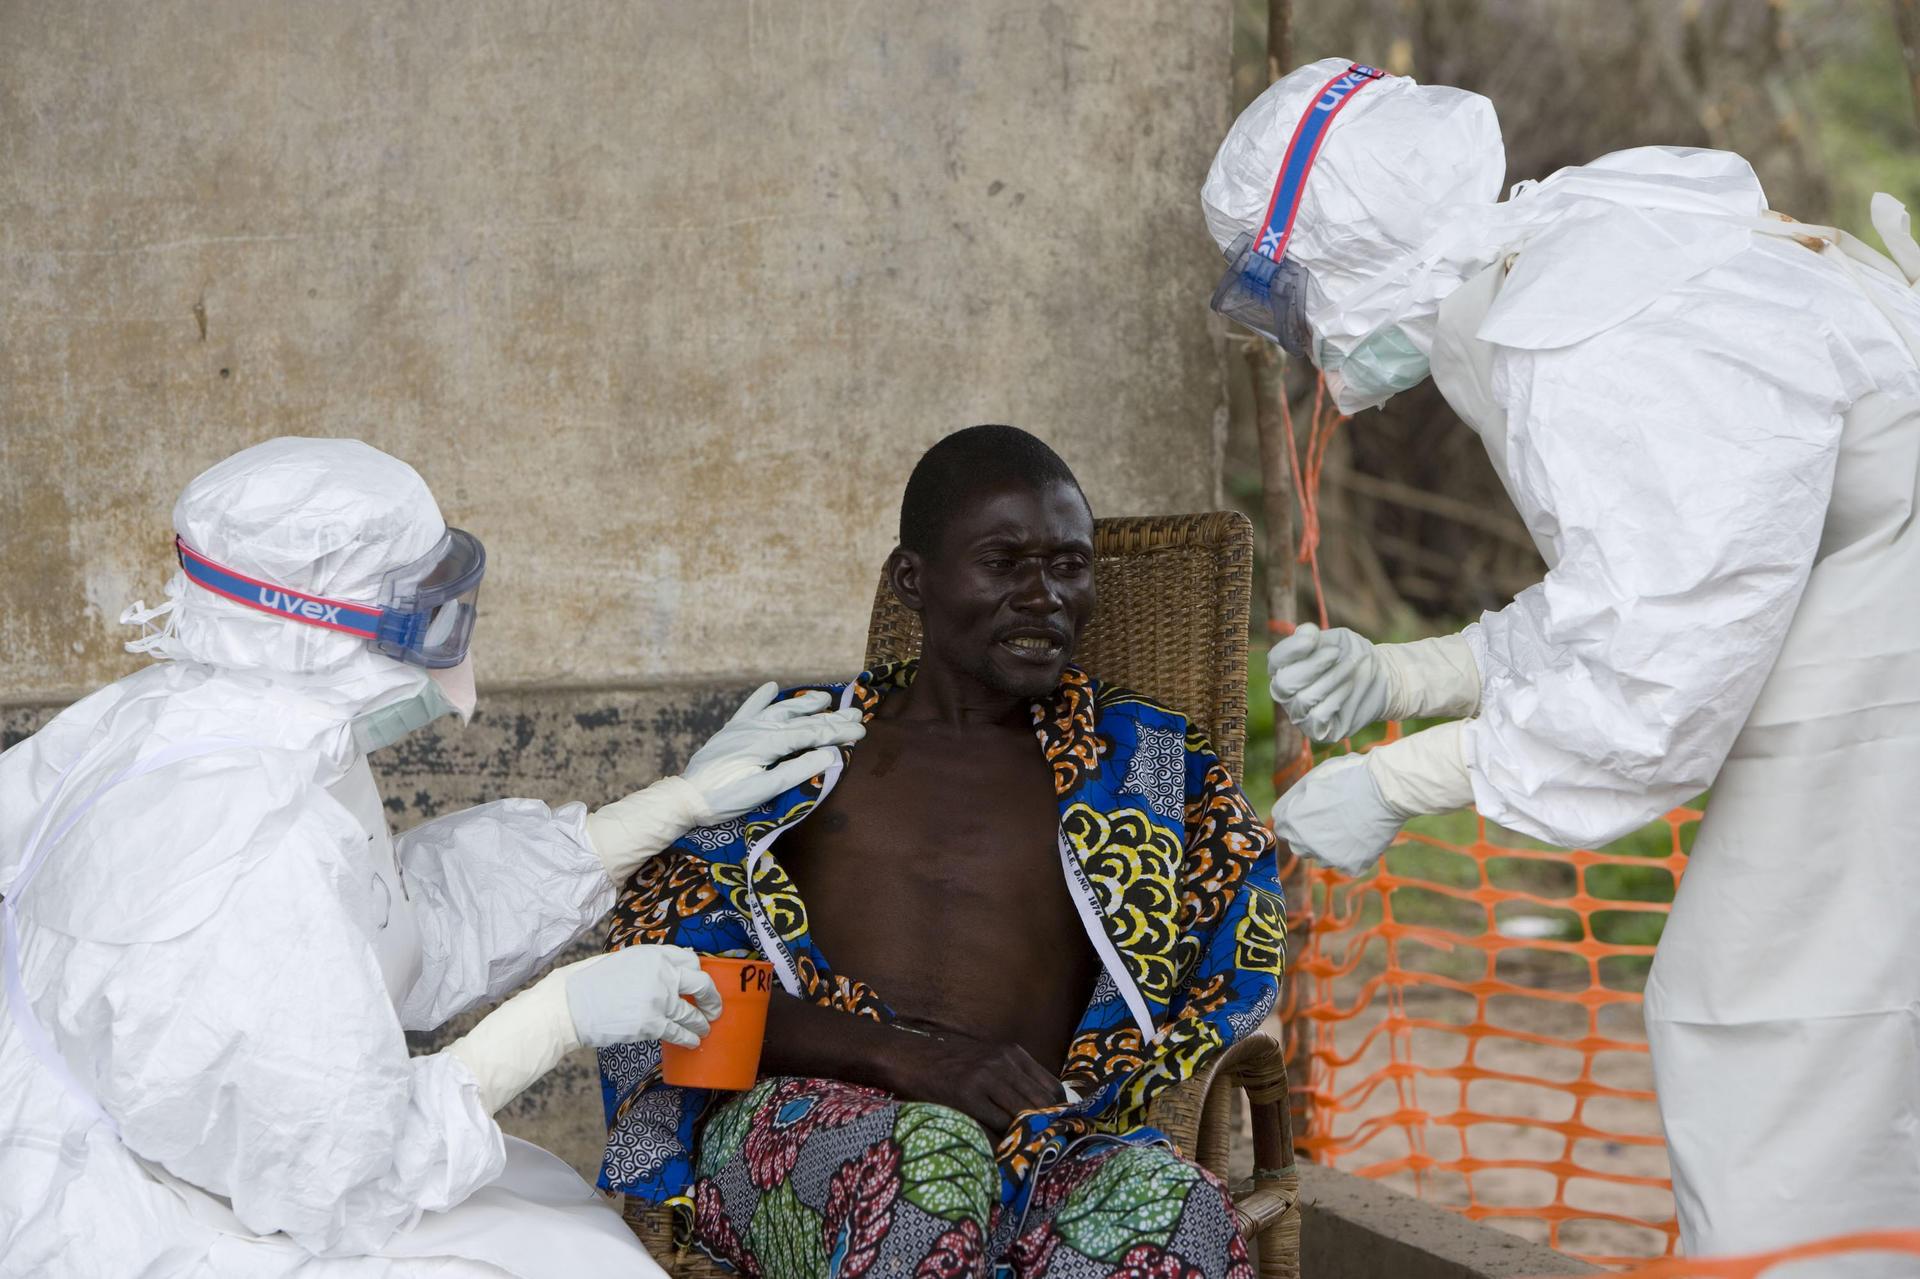 Ebola: Liệu bệnh dịch nguy hiểm này có thể xuất hiện ở Việt Nam?